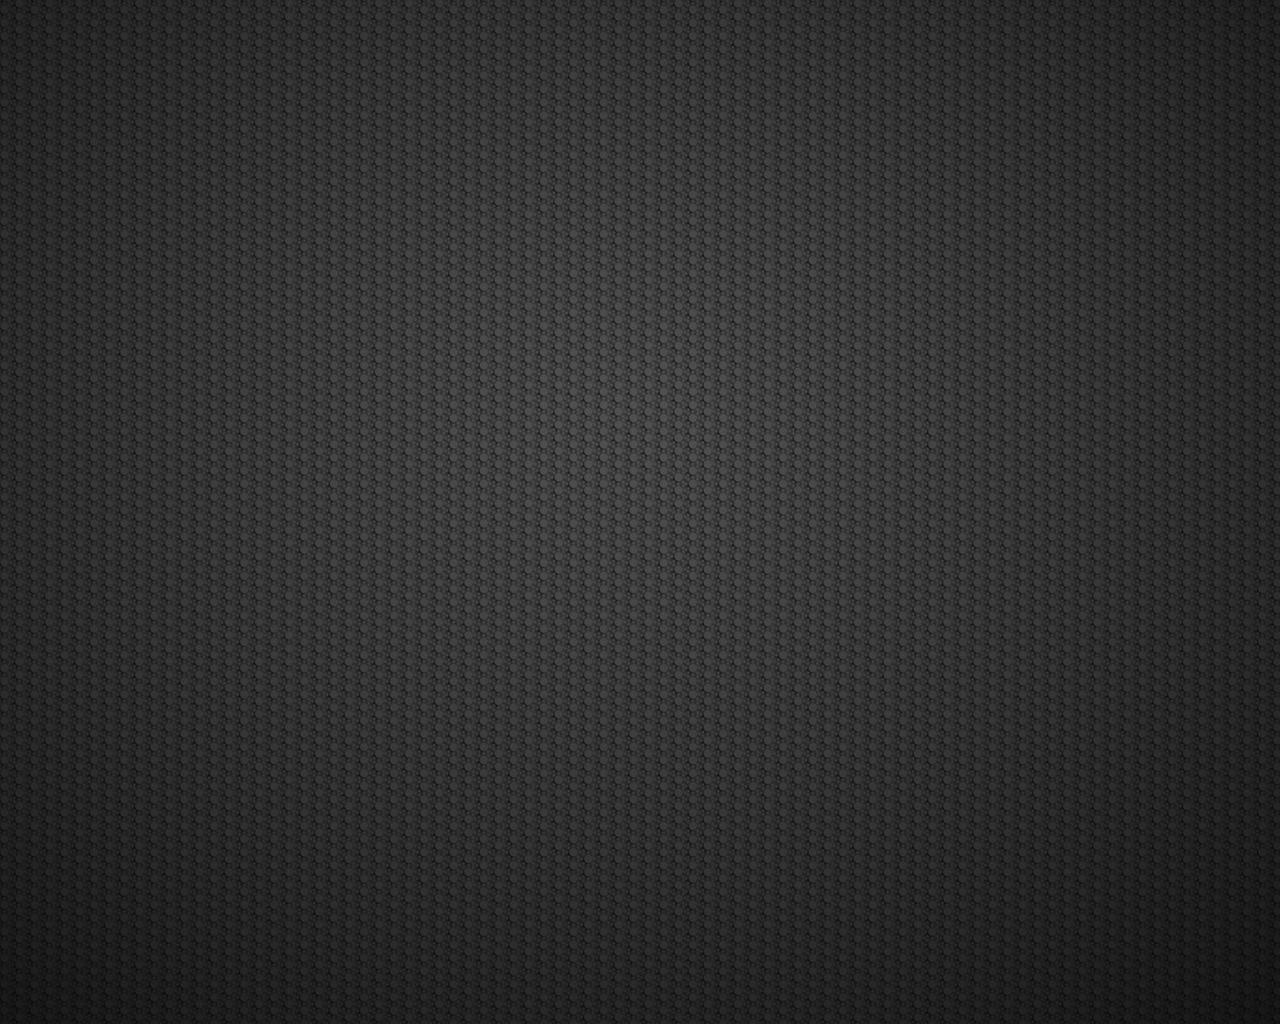 скачать черный квадрат фото